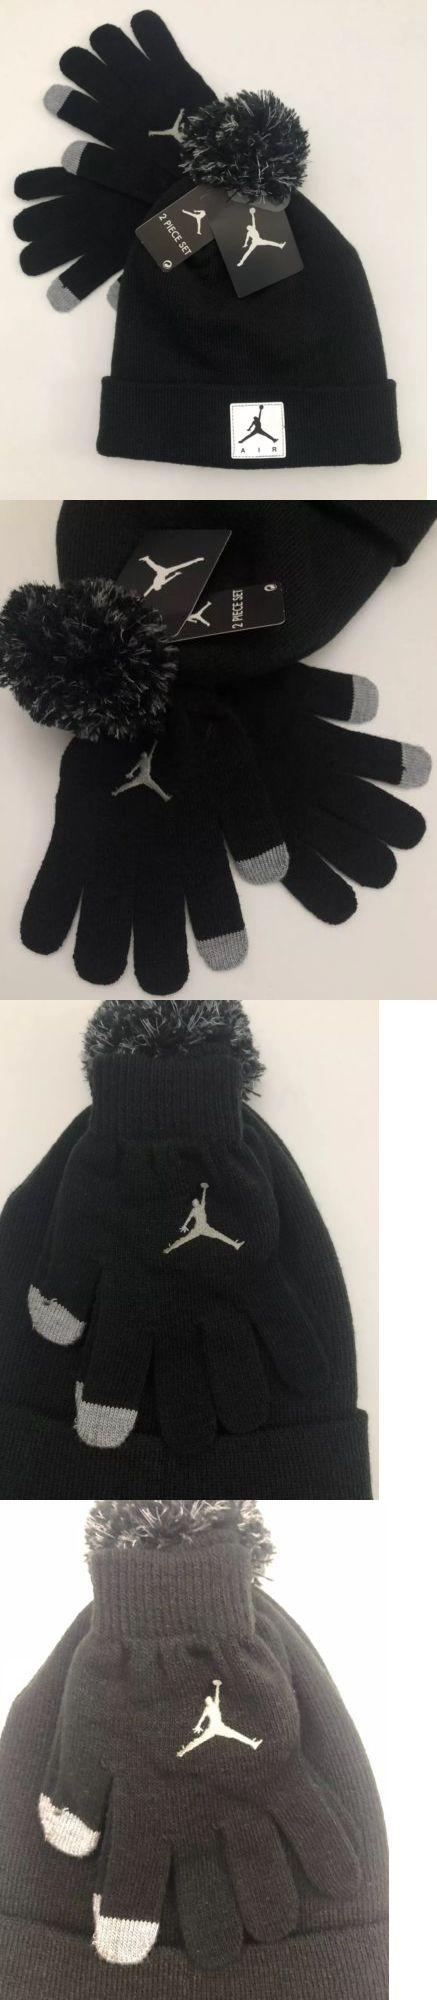 9735376bd1f ... shopping cheap price 2d32f 1491b hats 57884 nike air jordan 2 piece boys  beanie cap hat